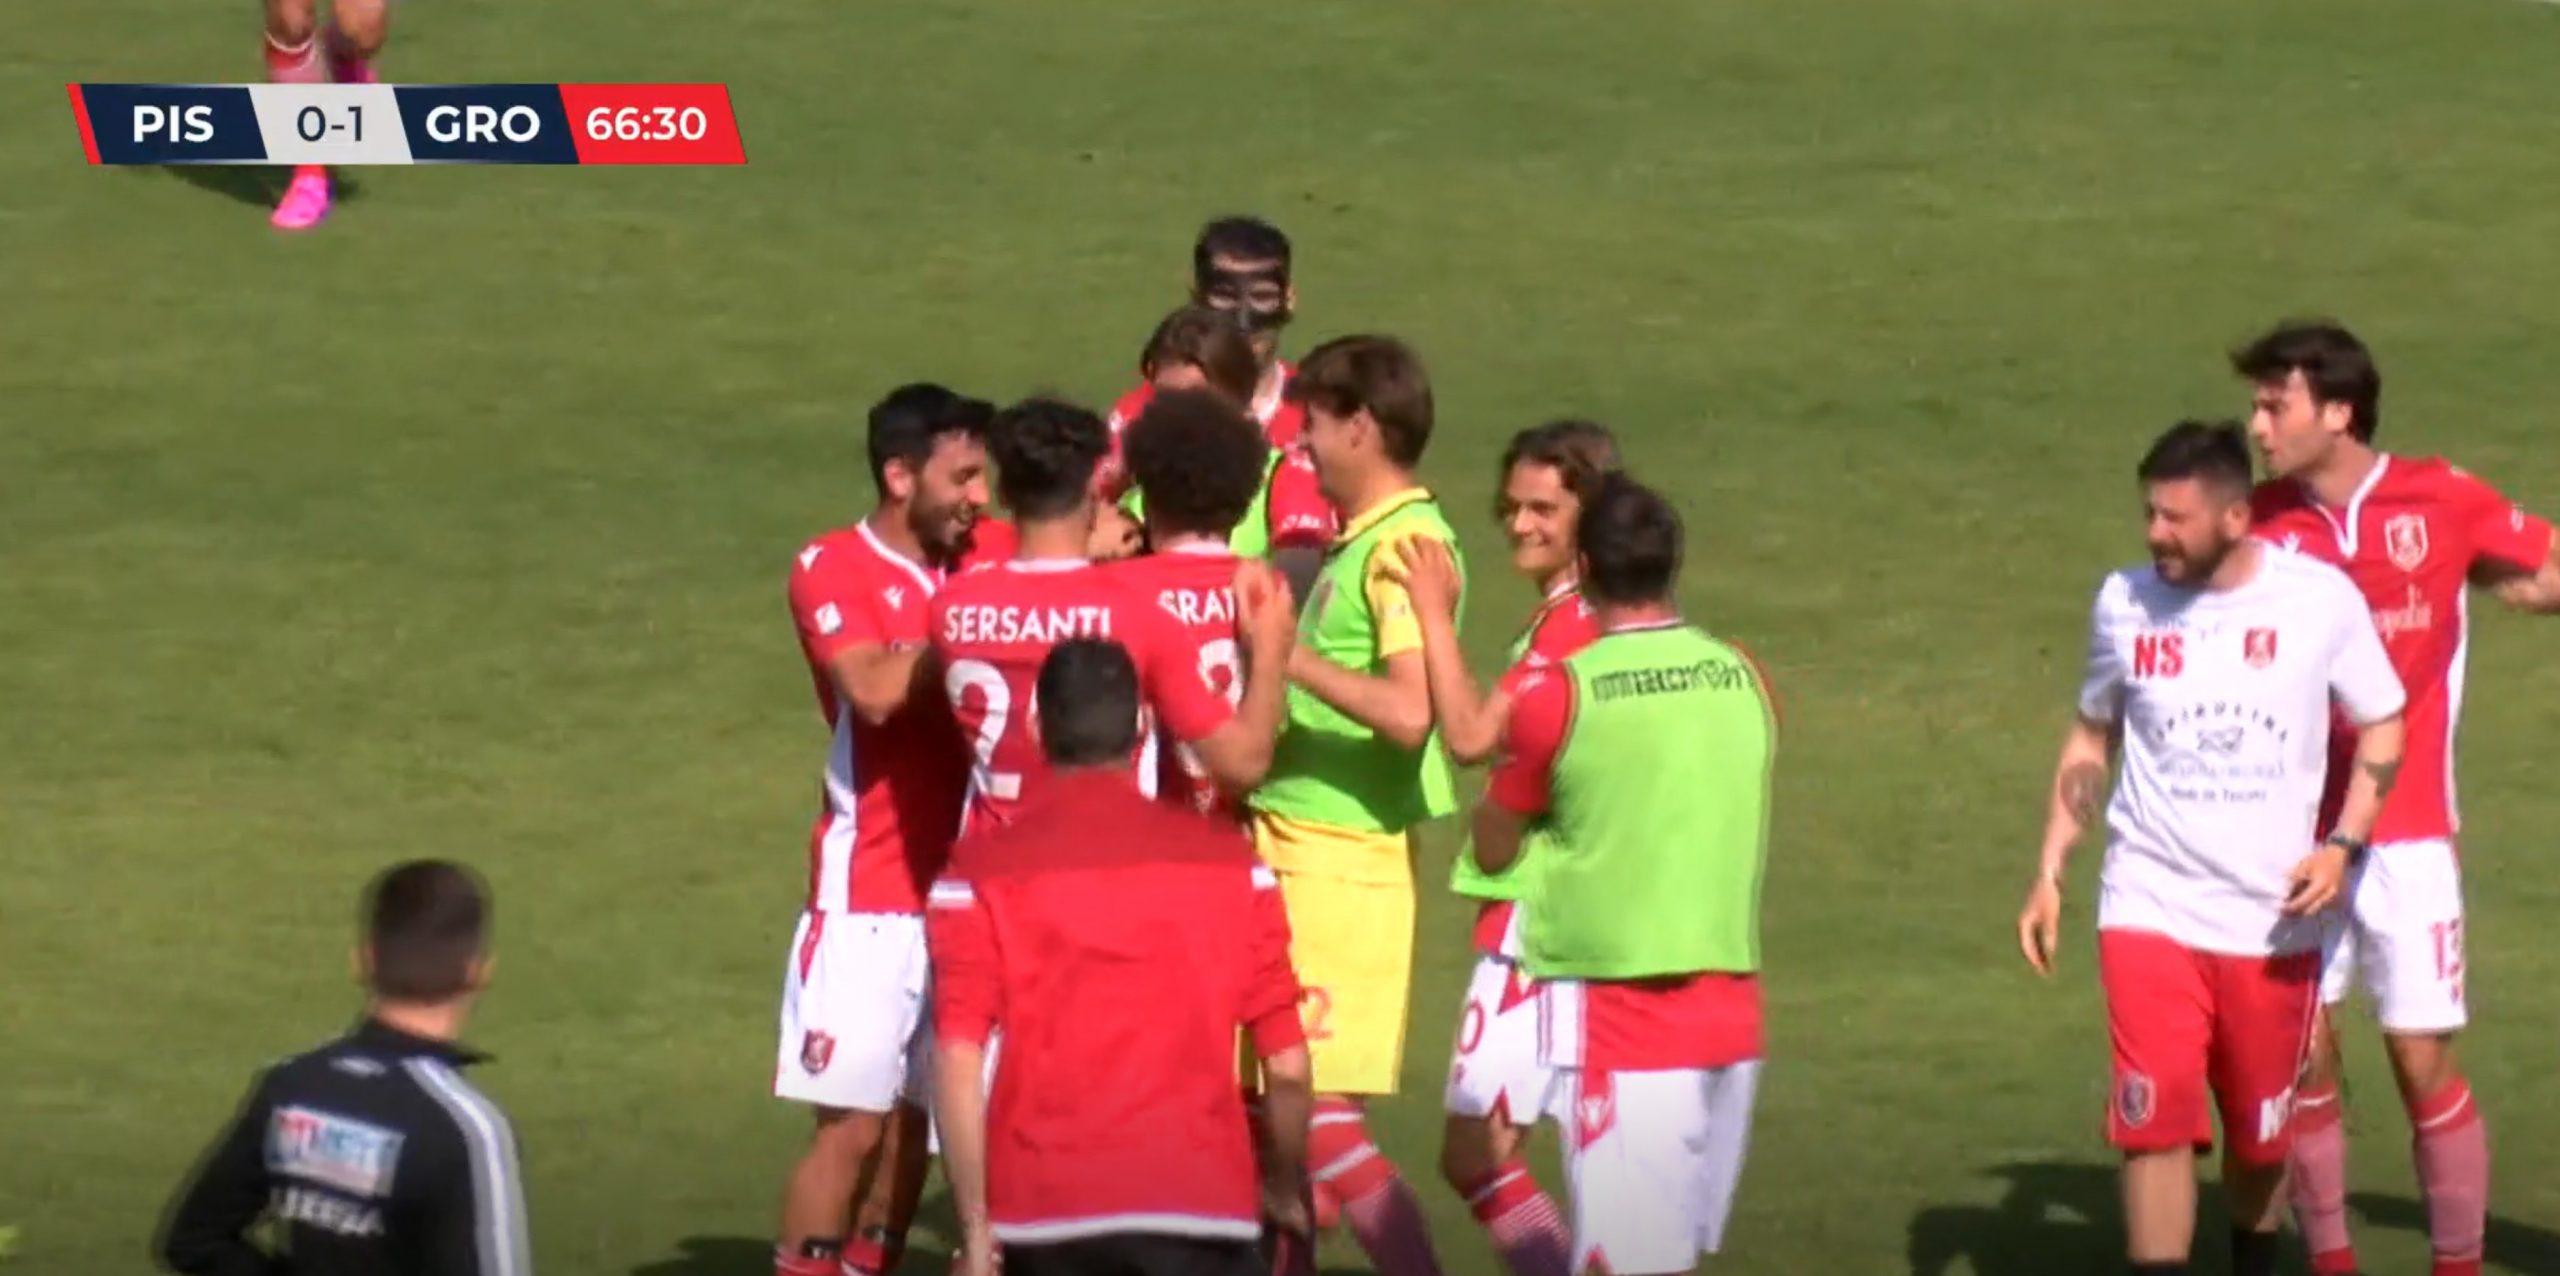 Pistoiese-Us Grosseto 0 a 1 - Raimo festeggiato dai compagni dopo il gol